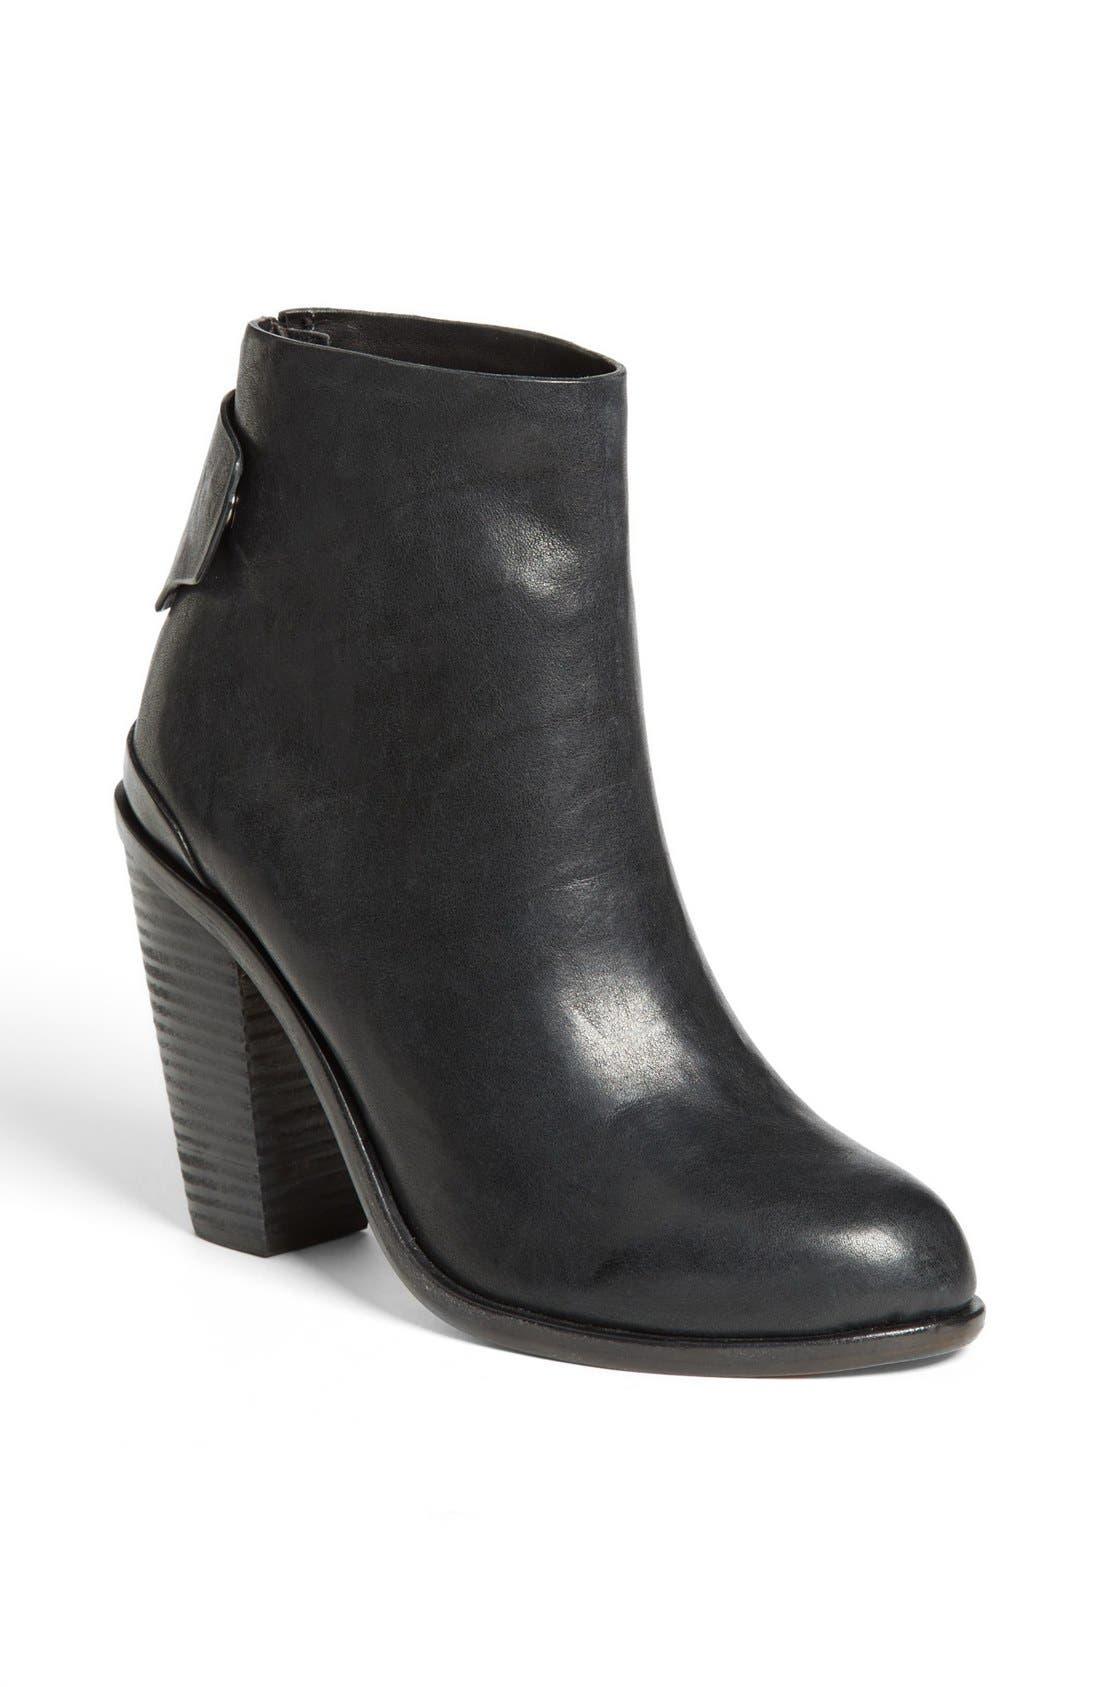 Main Image - rag & bone 'Kerr' Boot